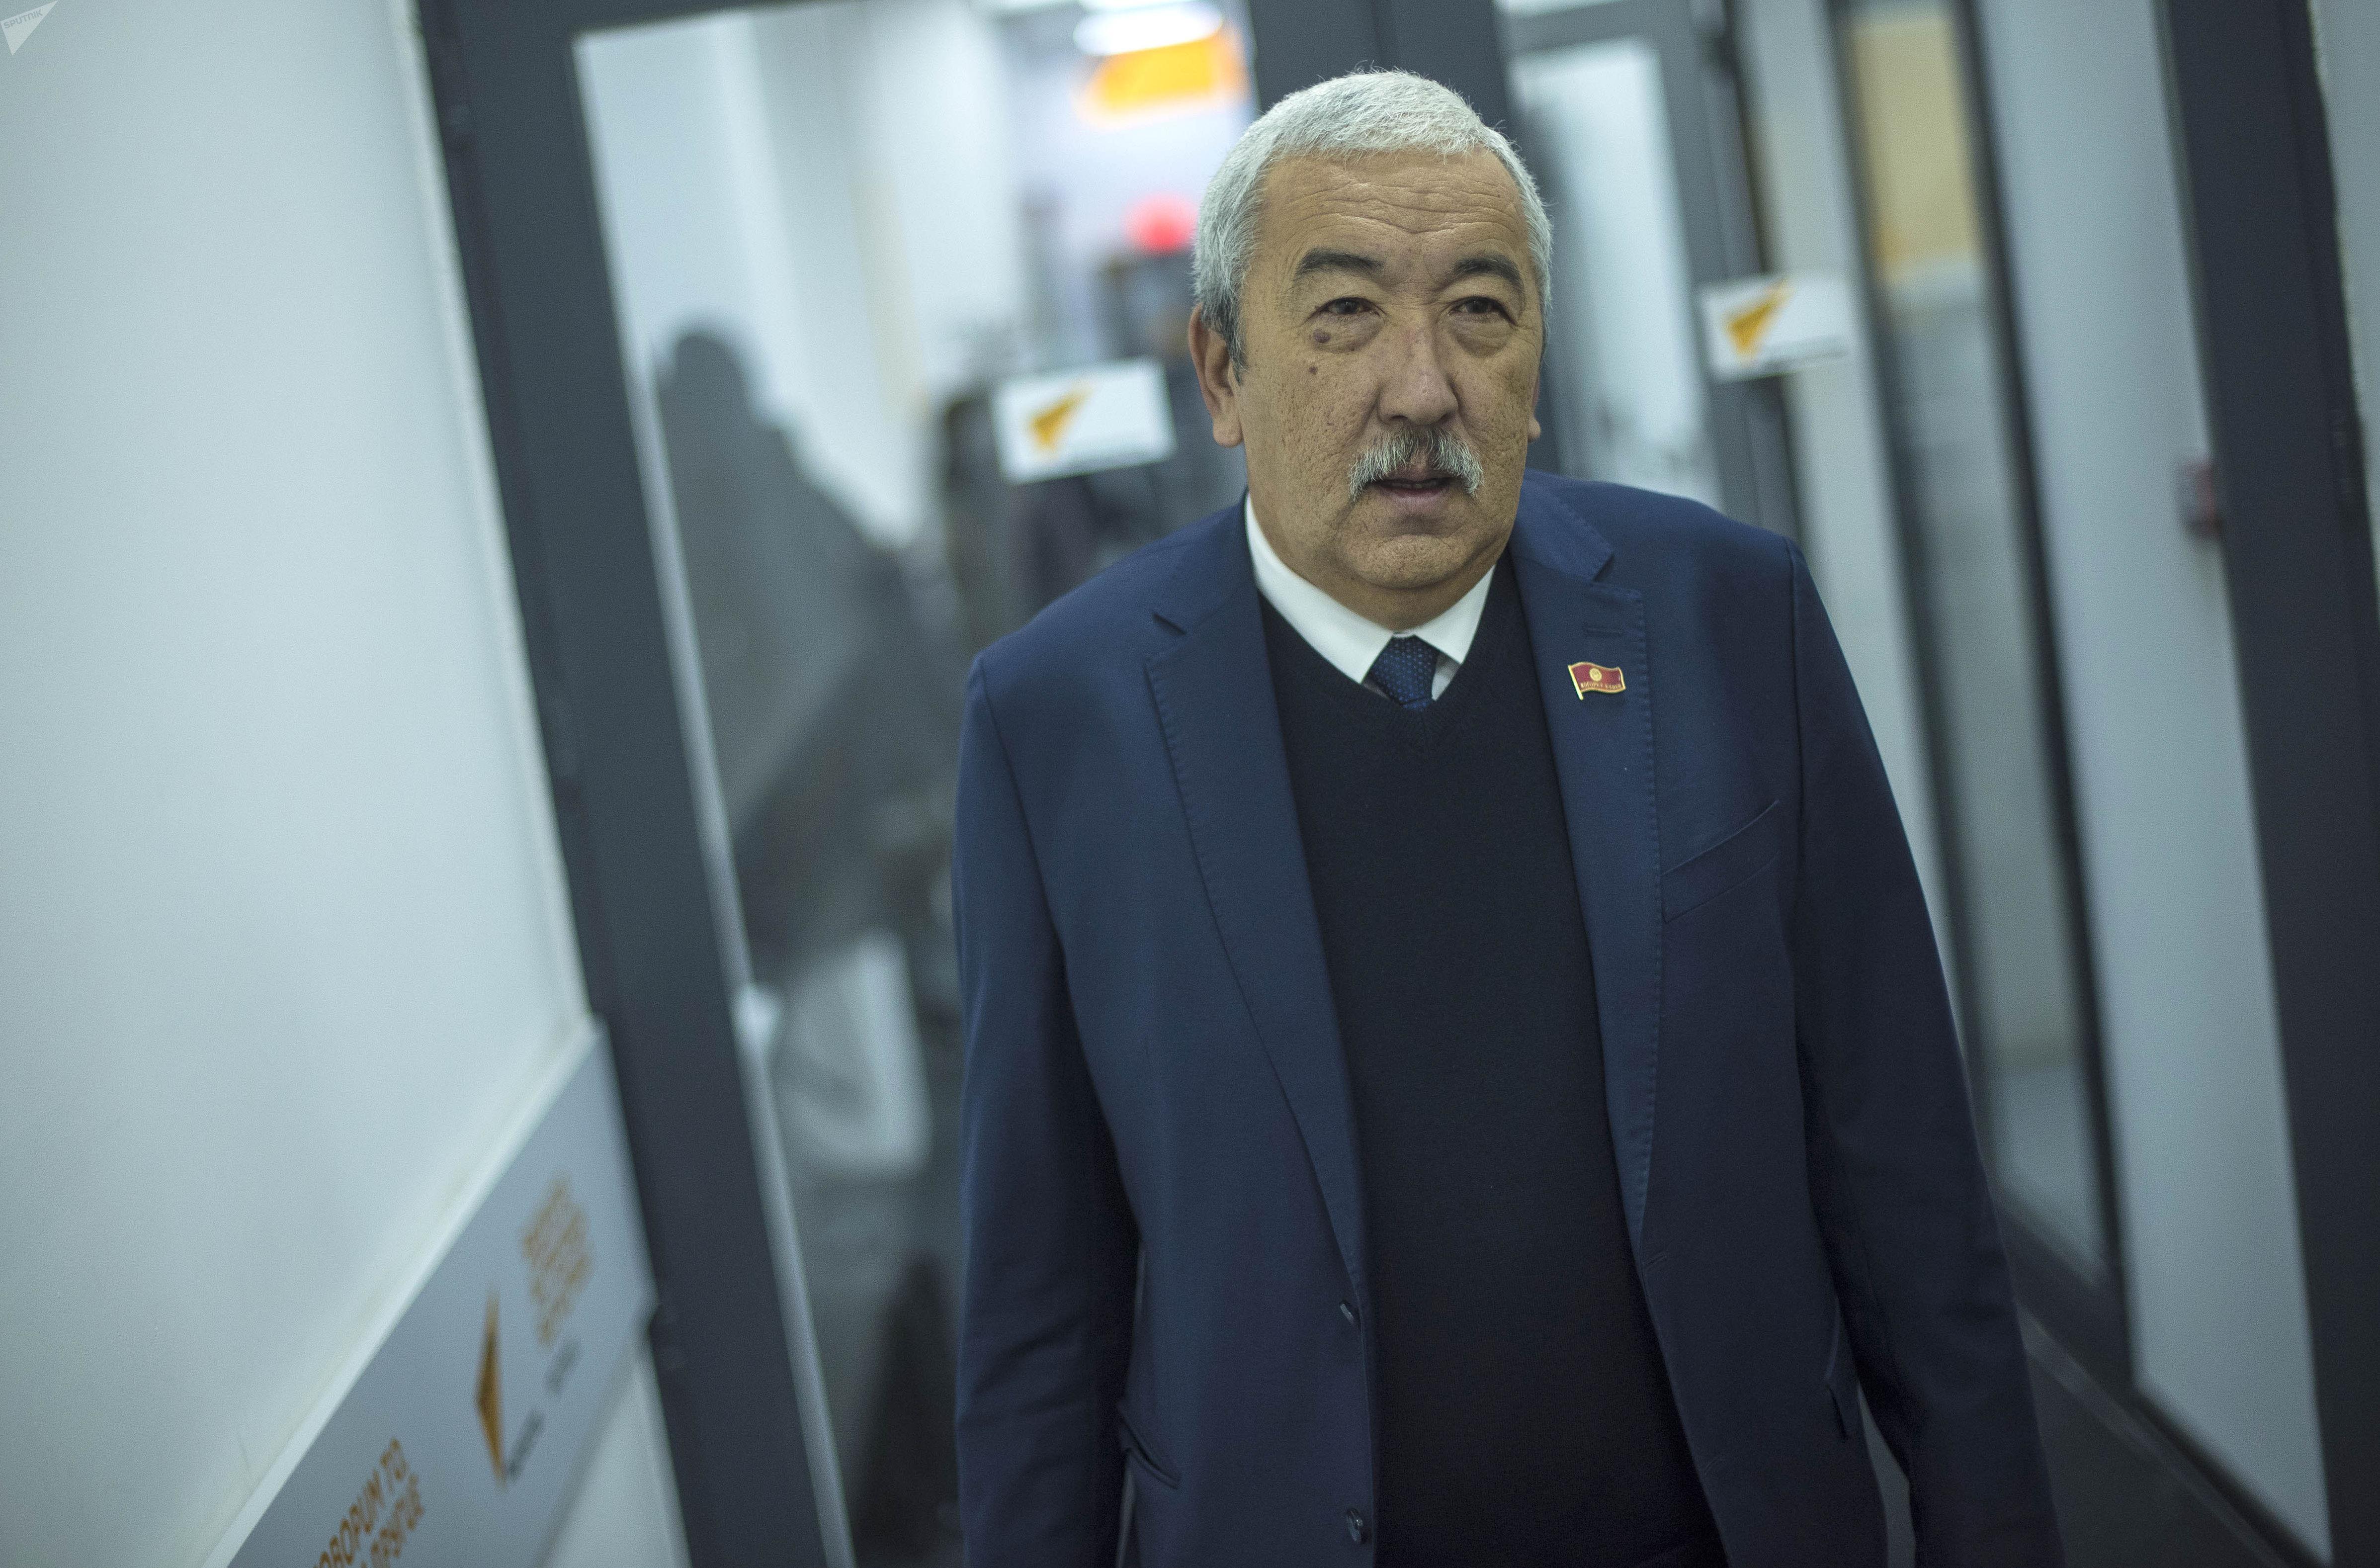 Депутат Жогорку Кенеша VI созыва Исхак Масалиев от фракции Кыргызстан на заседании